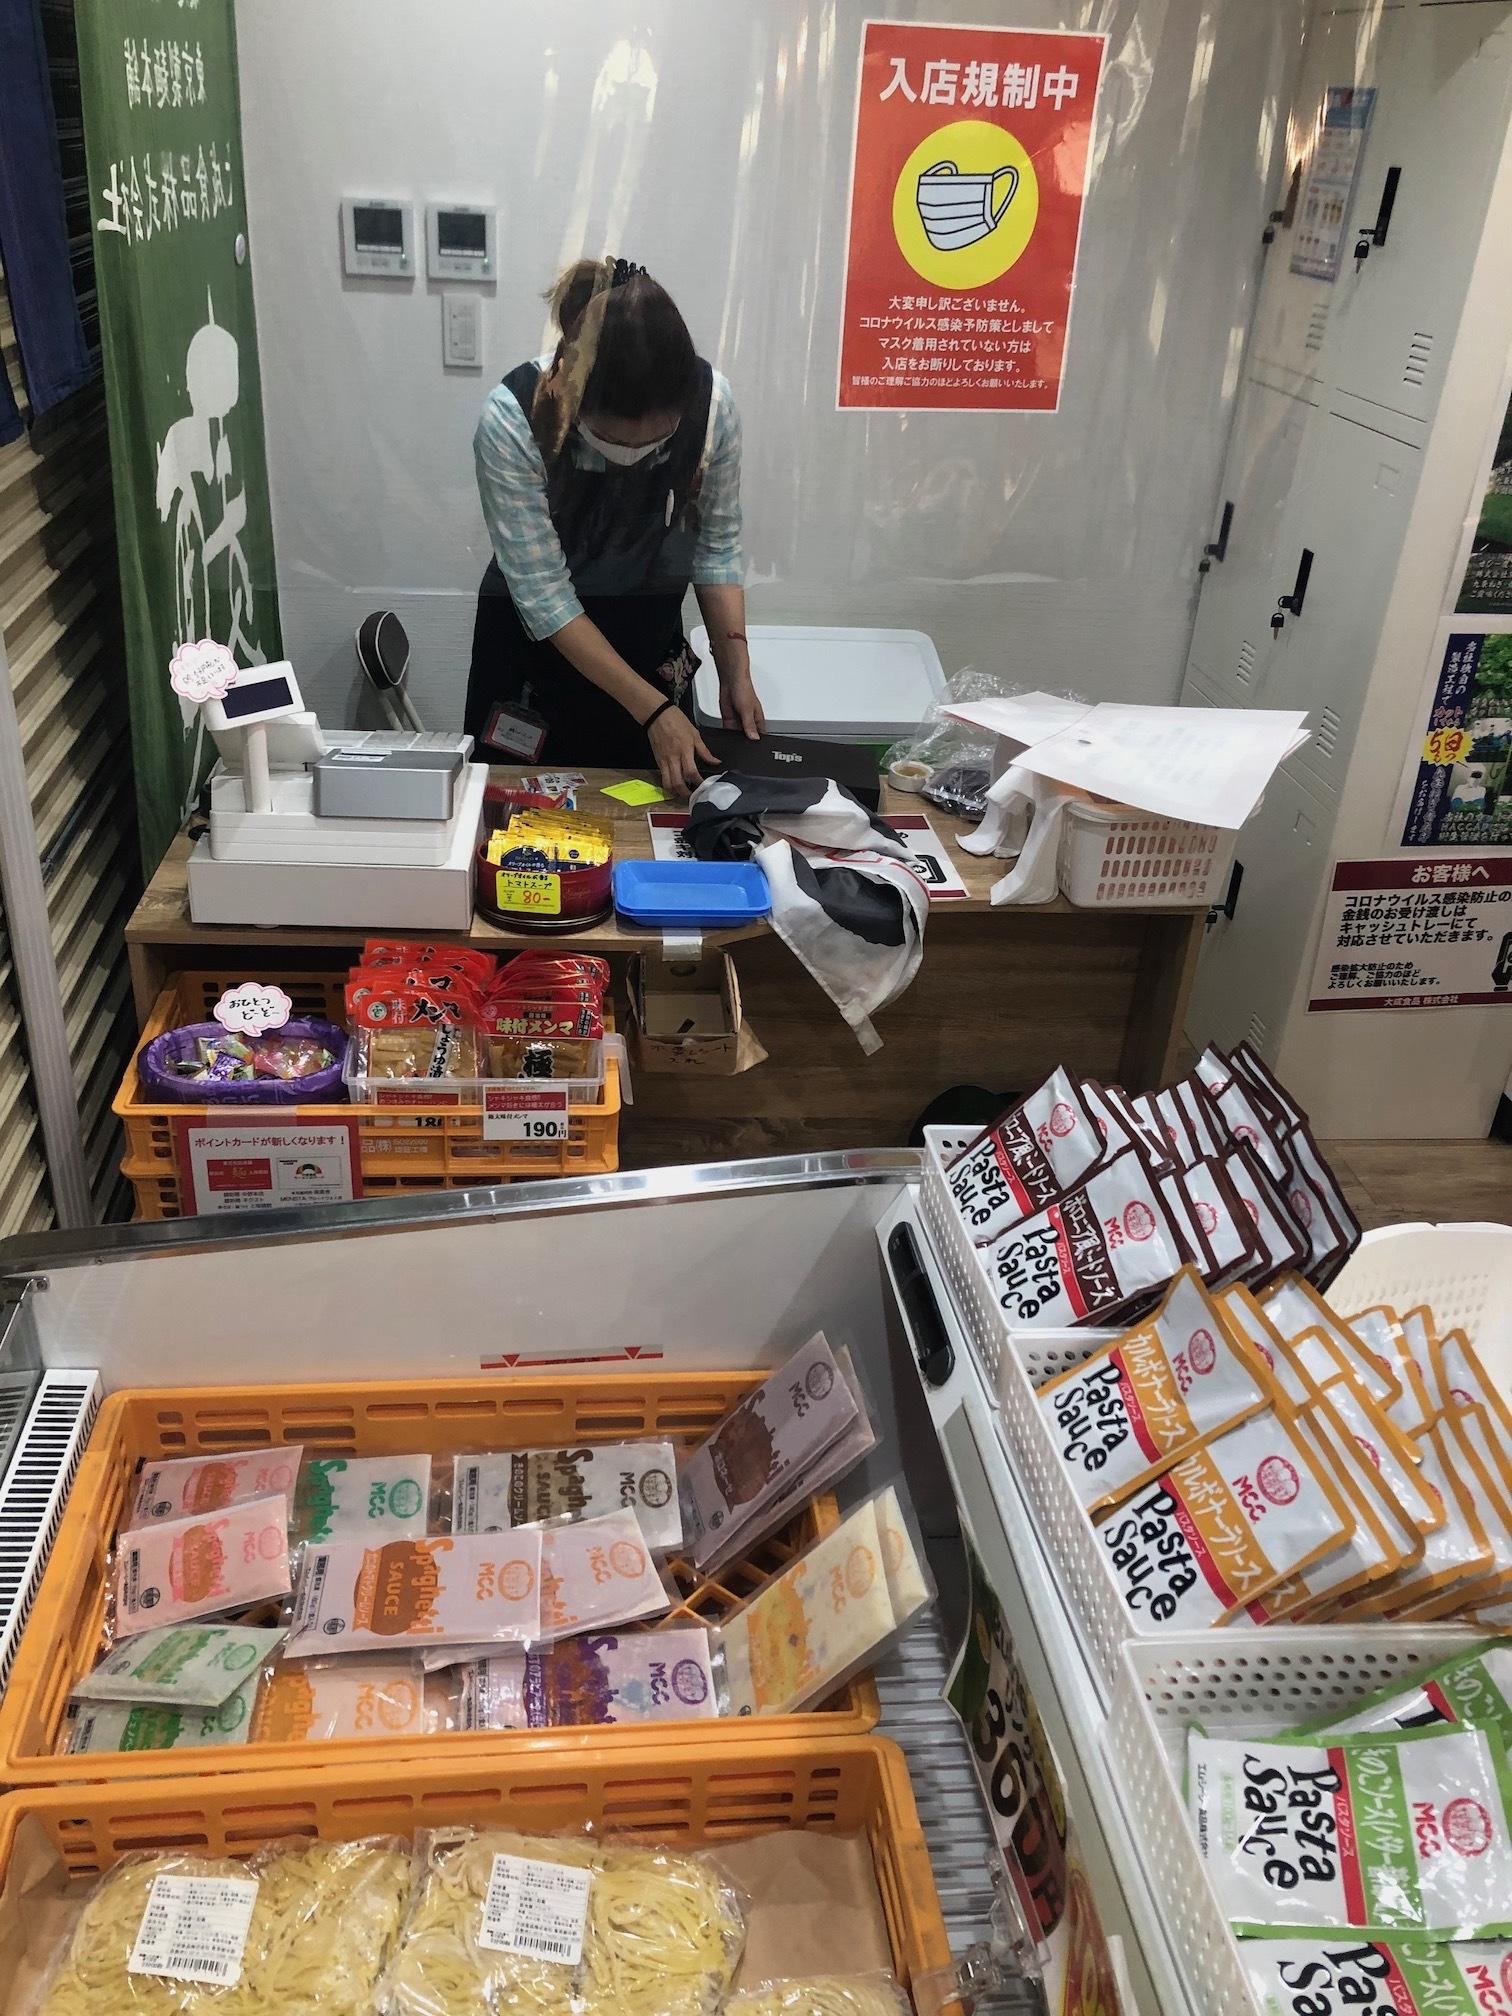 レジまわり@麺テイスティング・カフェショップ MENSTA